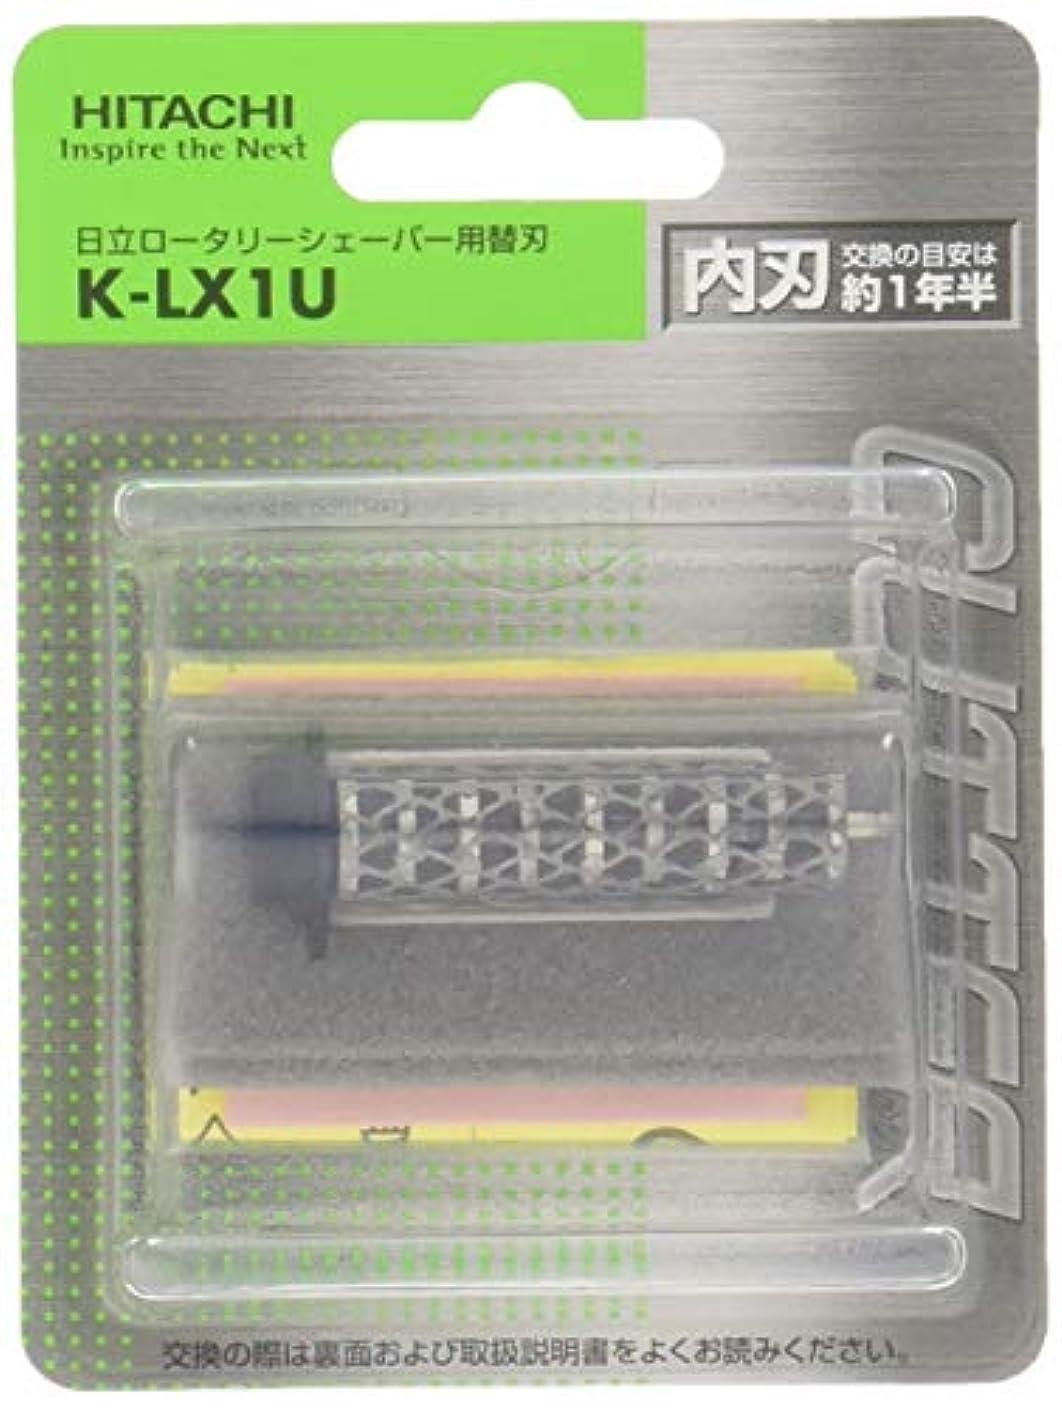 評議会下線ブルジョン日立 シェーバー用替刃(内刃) K-LX1U